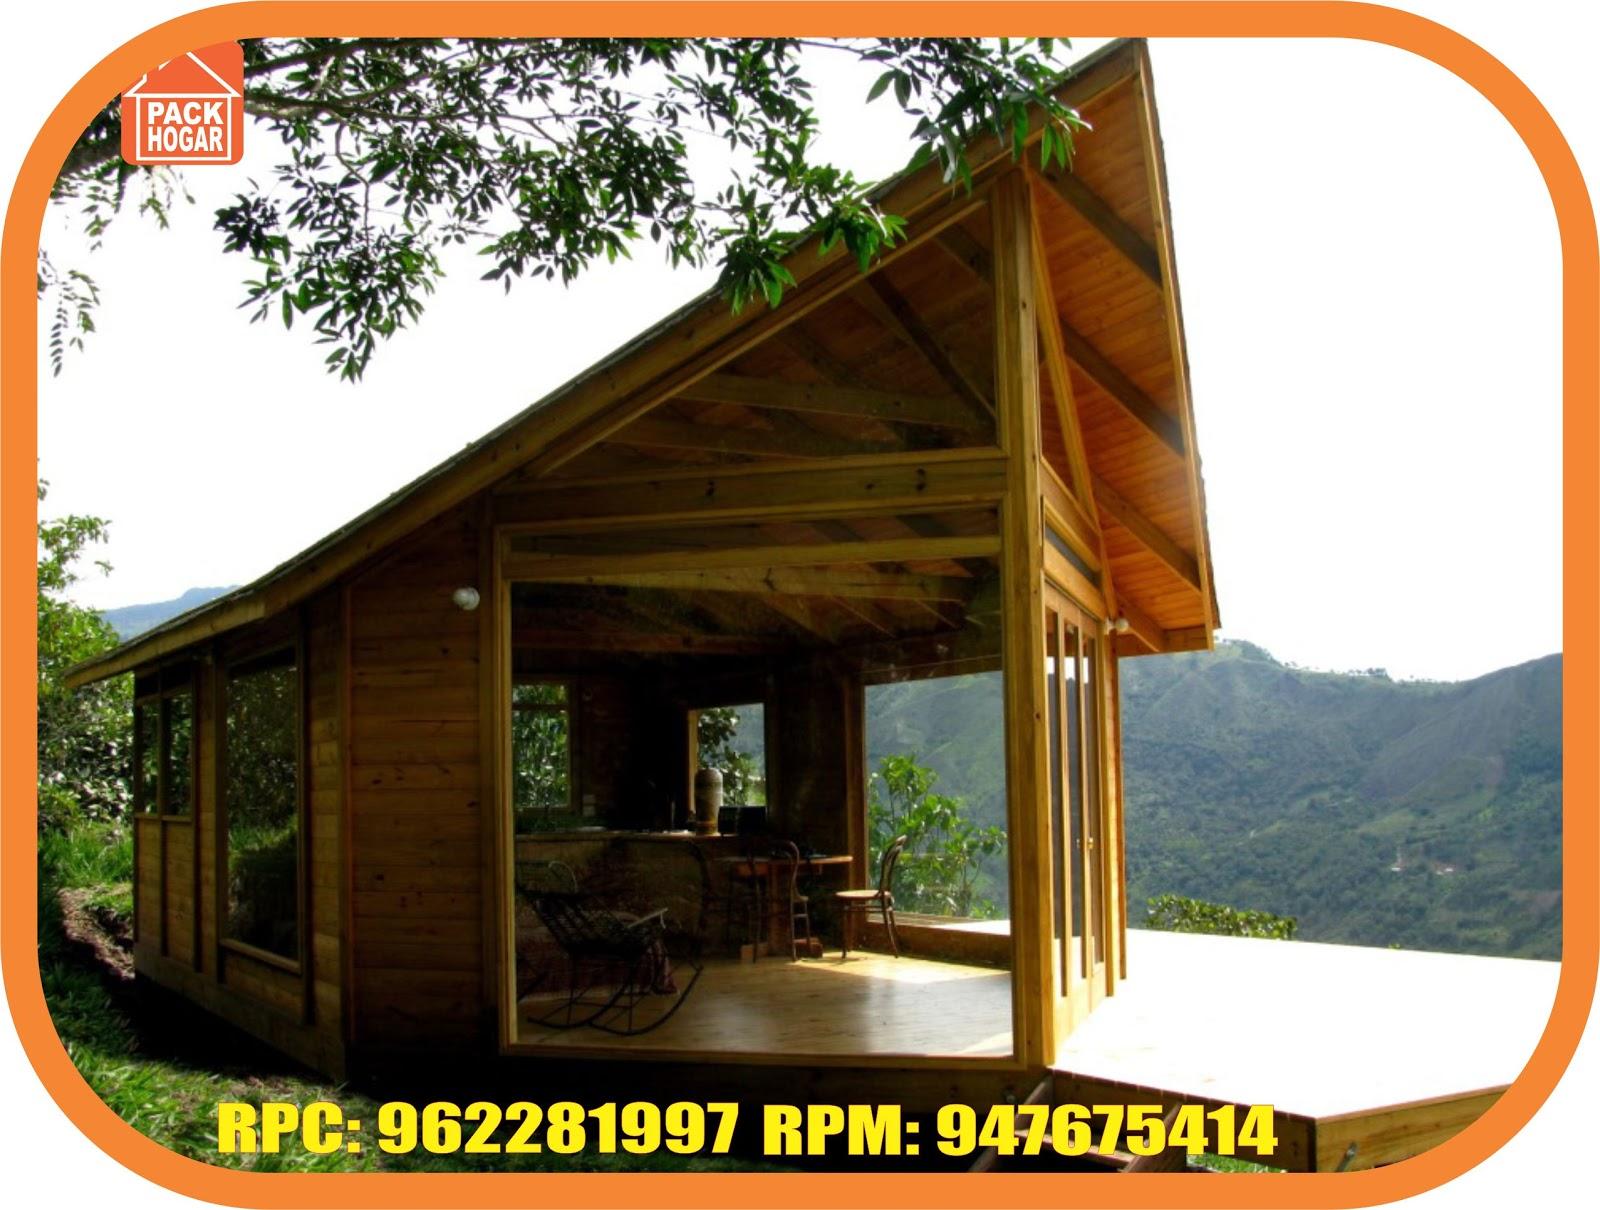 Casas de madera prefabricadas para campo selva peru - Propiedades de la madera ...